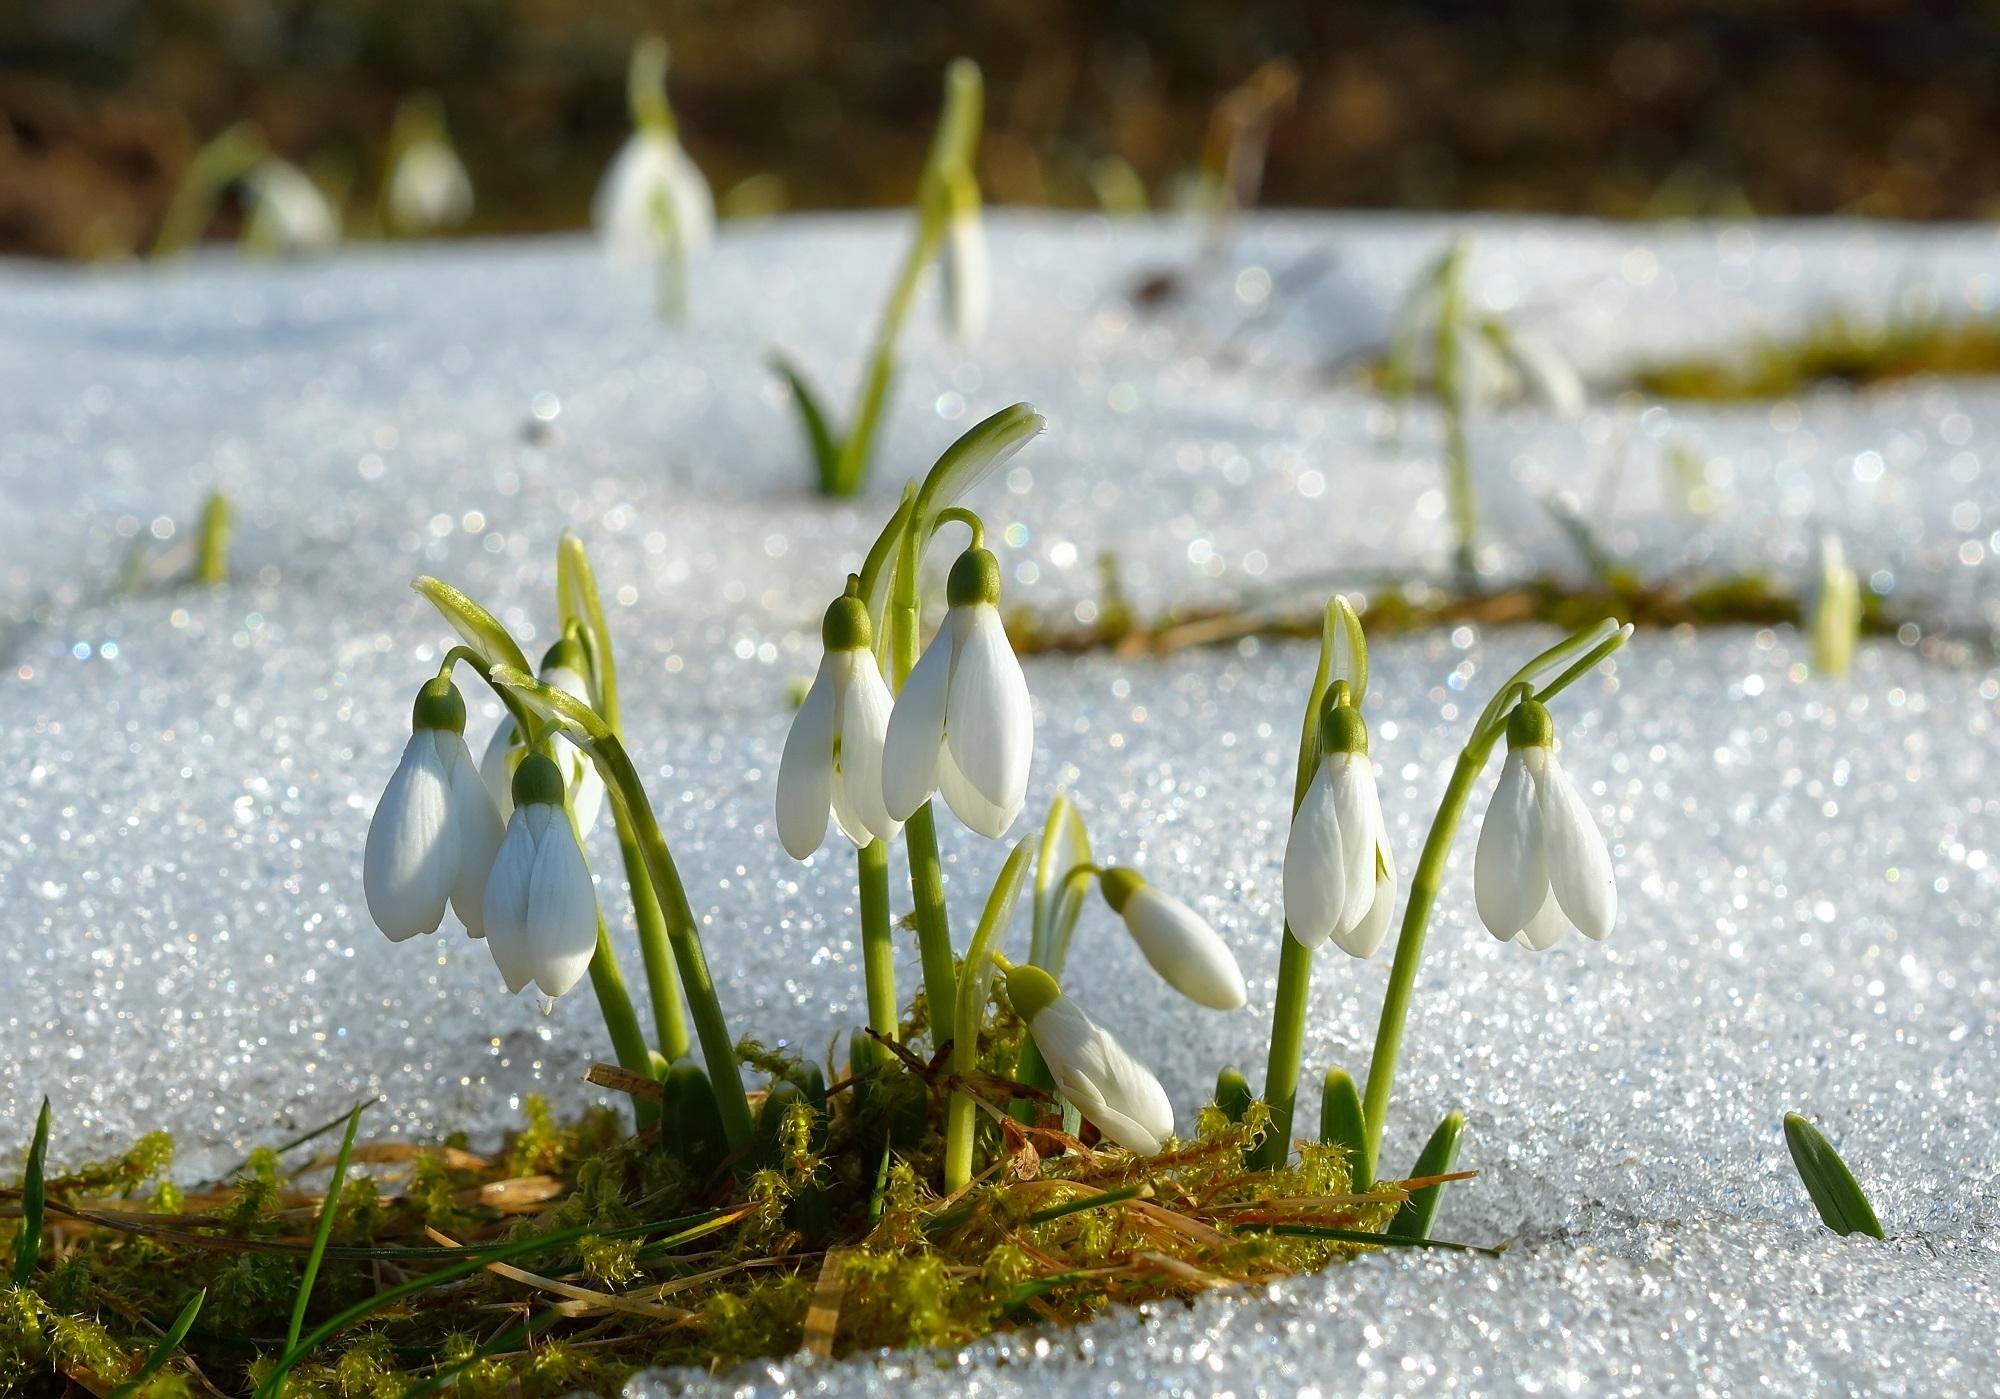 Календарь садовода и огородника март. Источник фото: Shutterstock